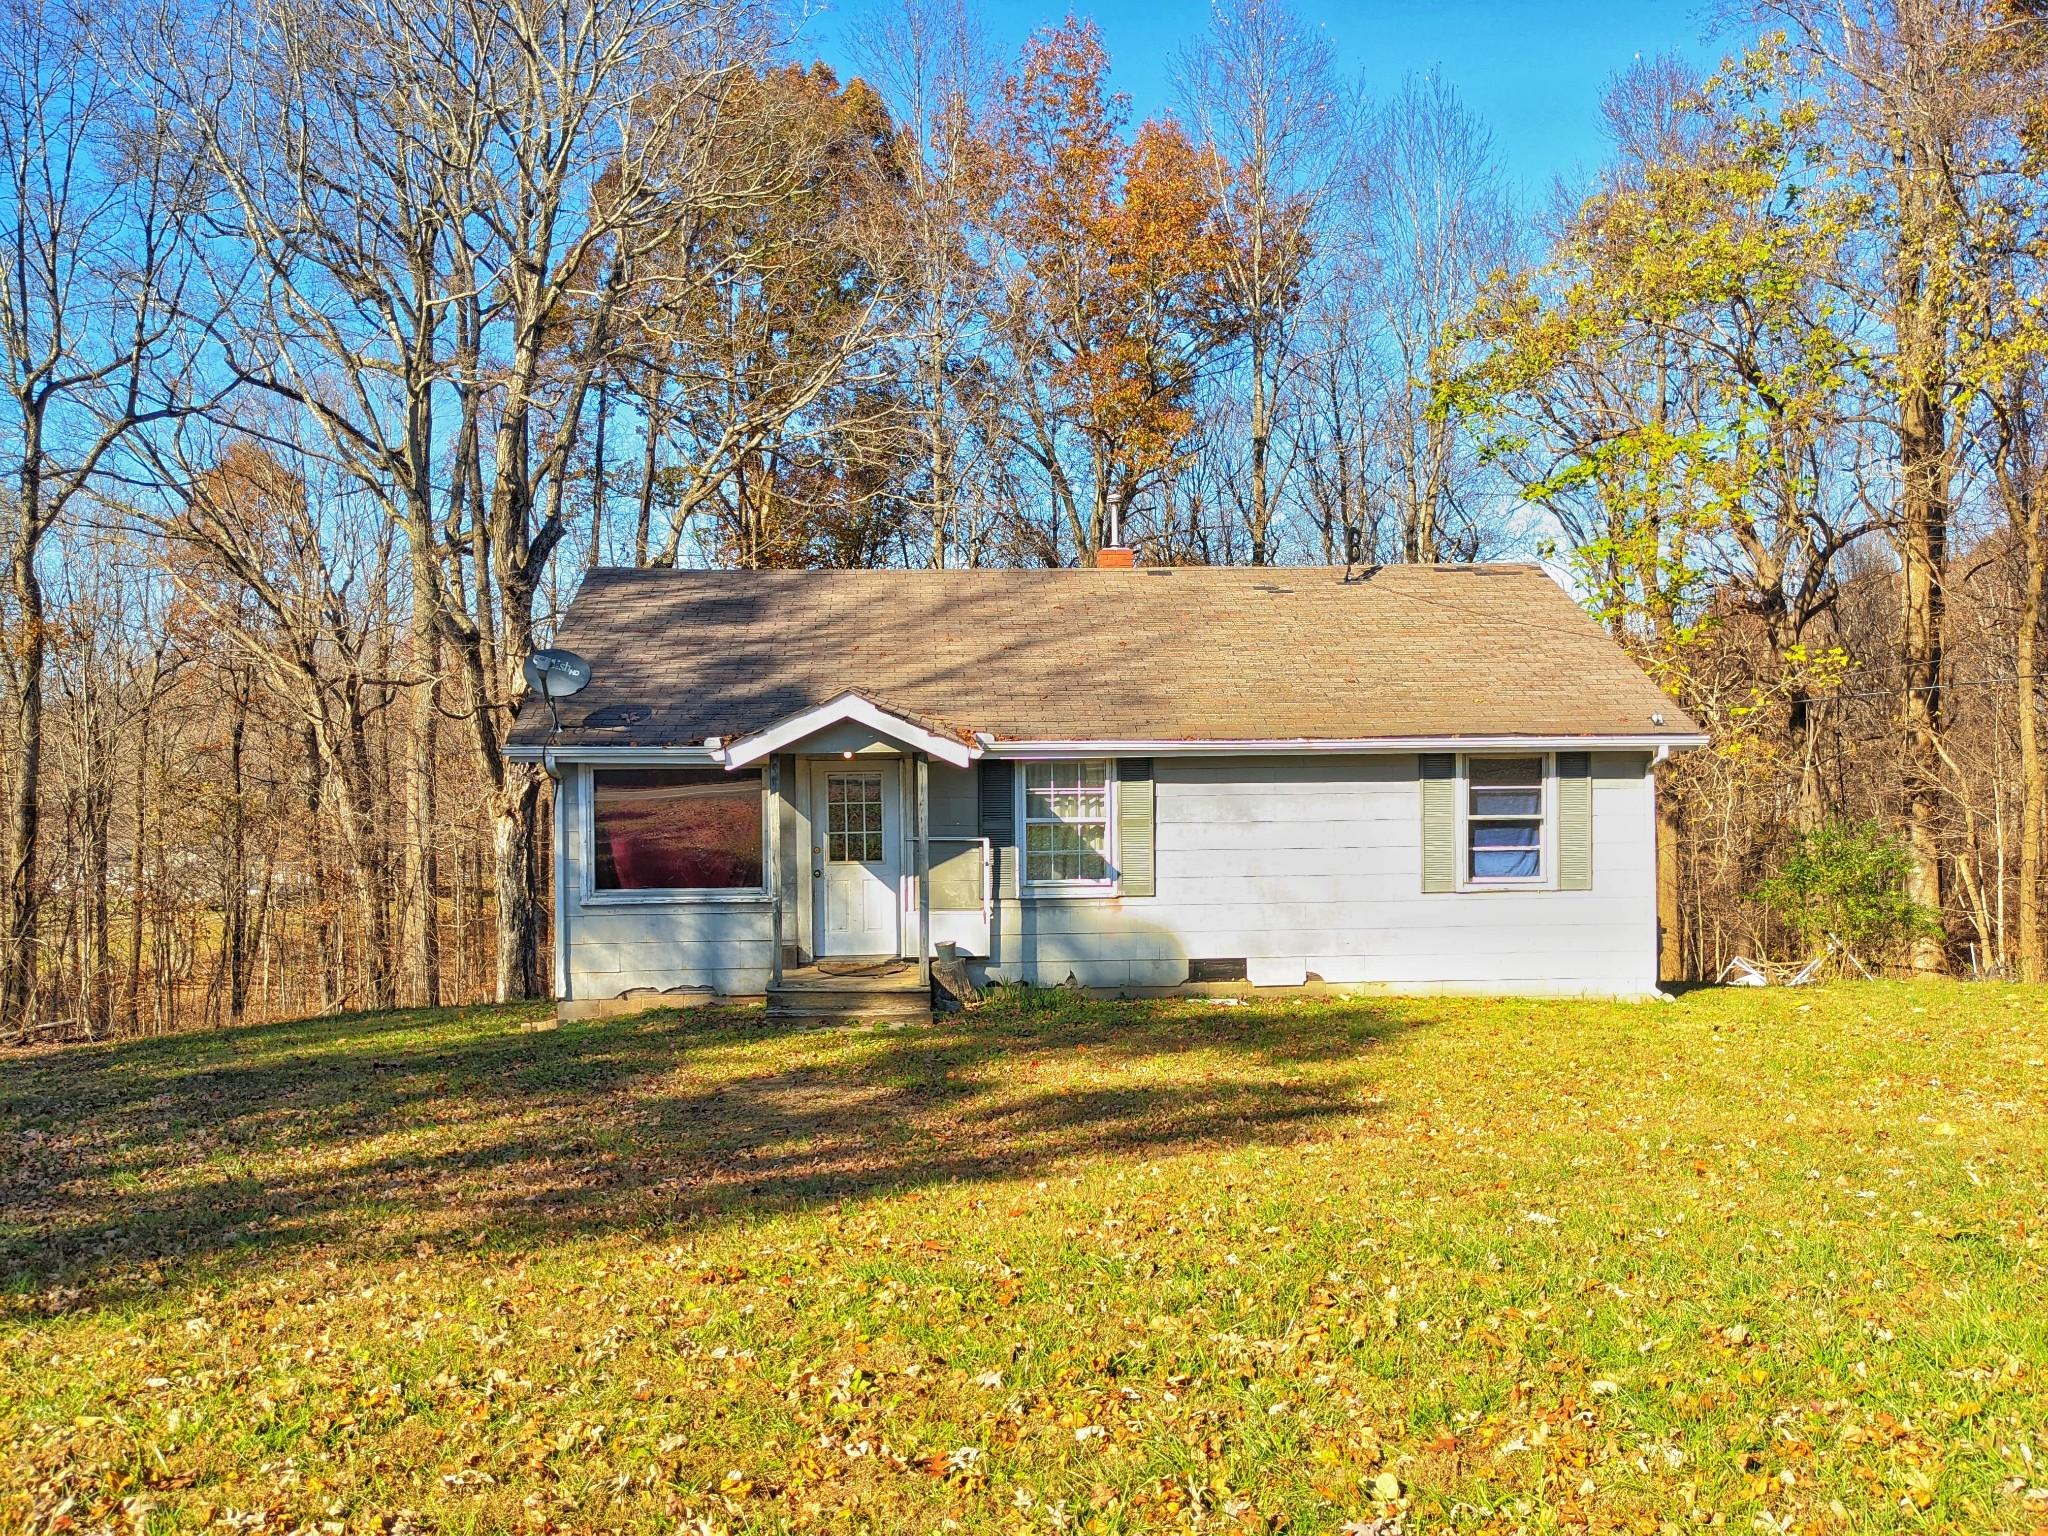 5409 HWY 49 Property Photo - Vanleer, TN real estate listing